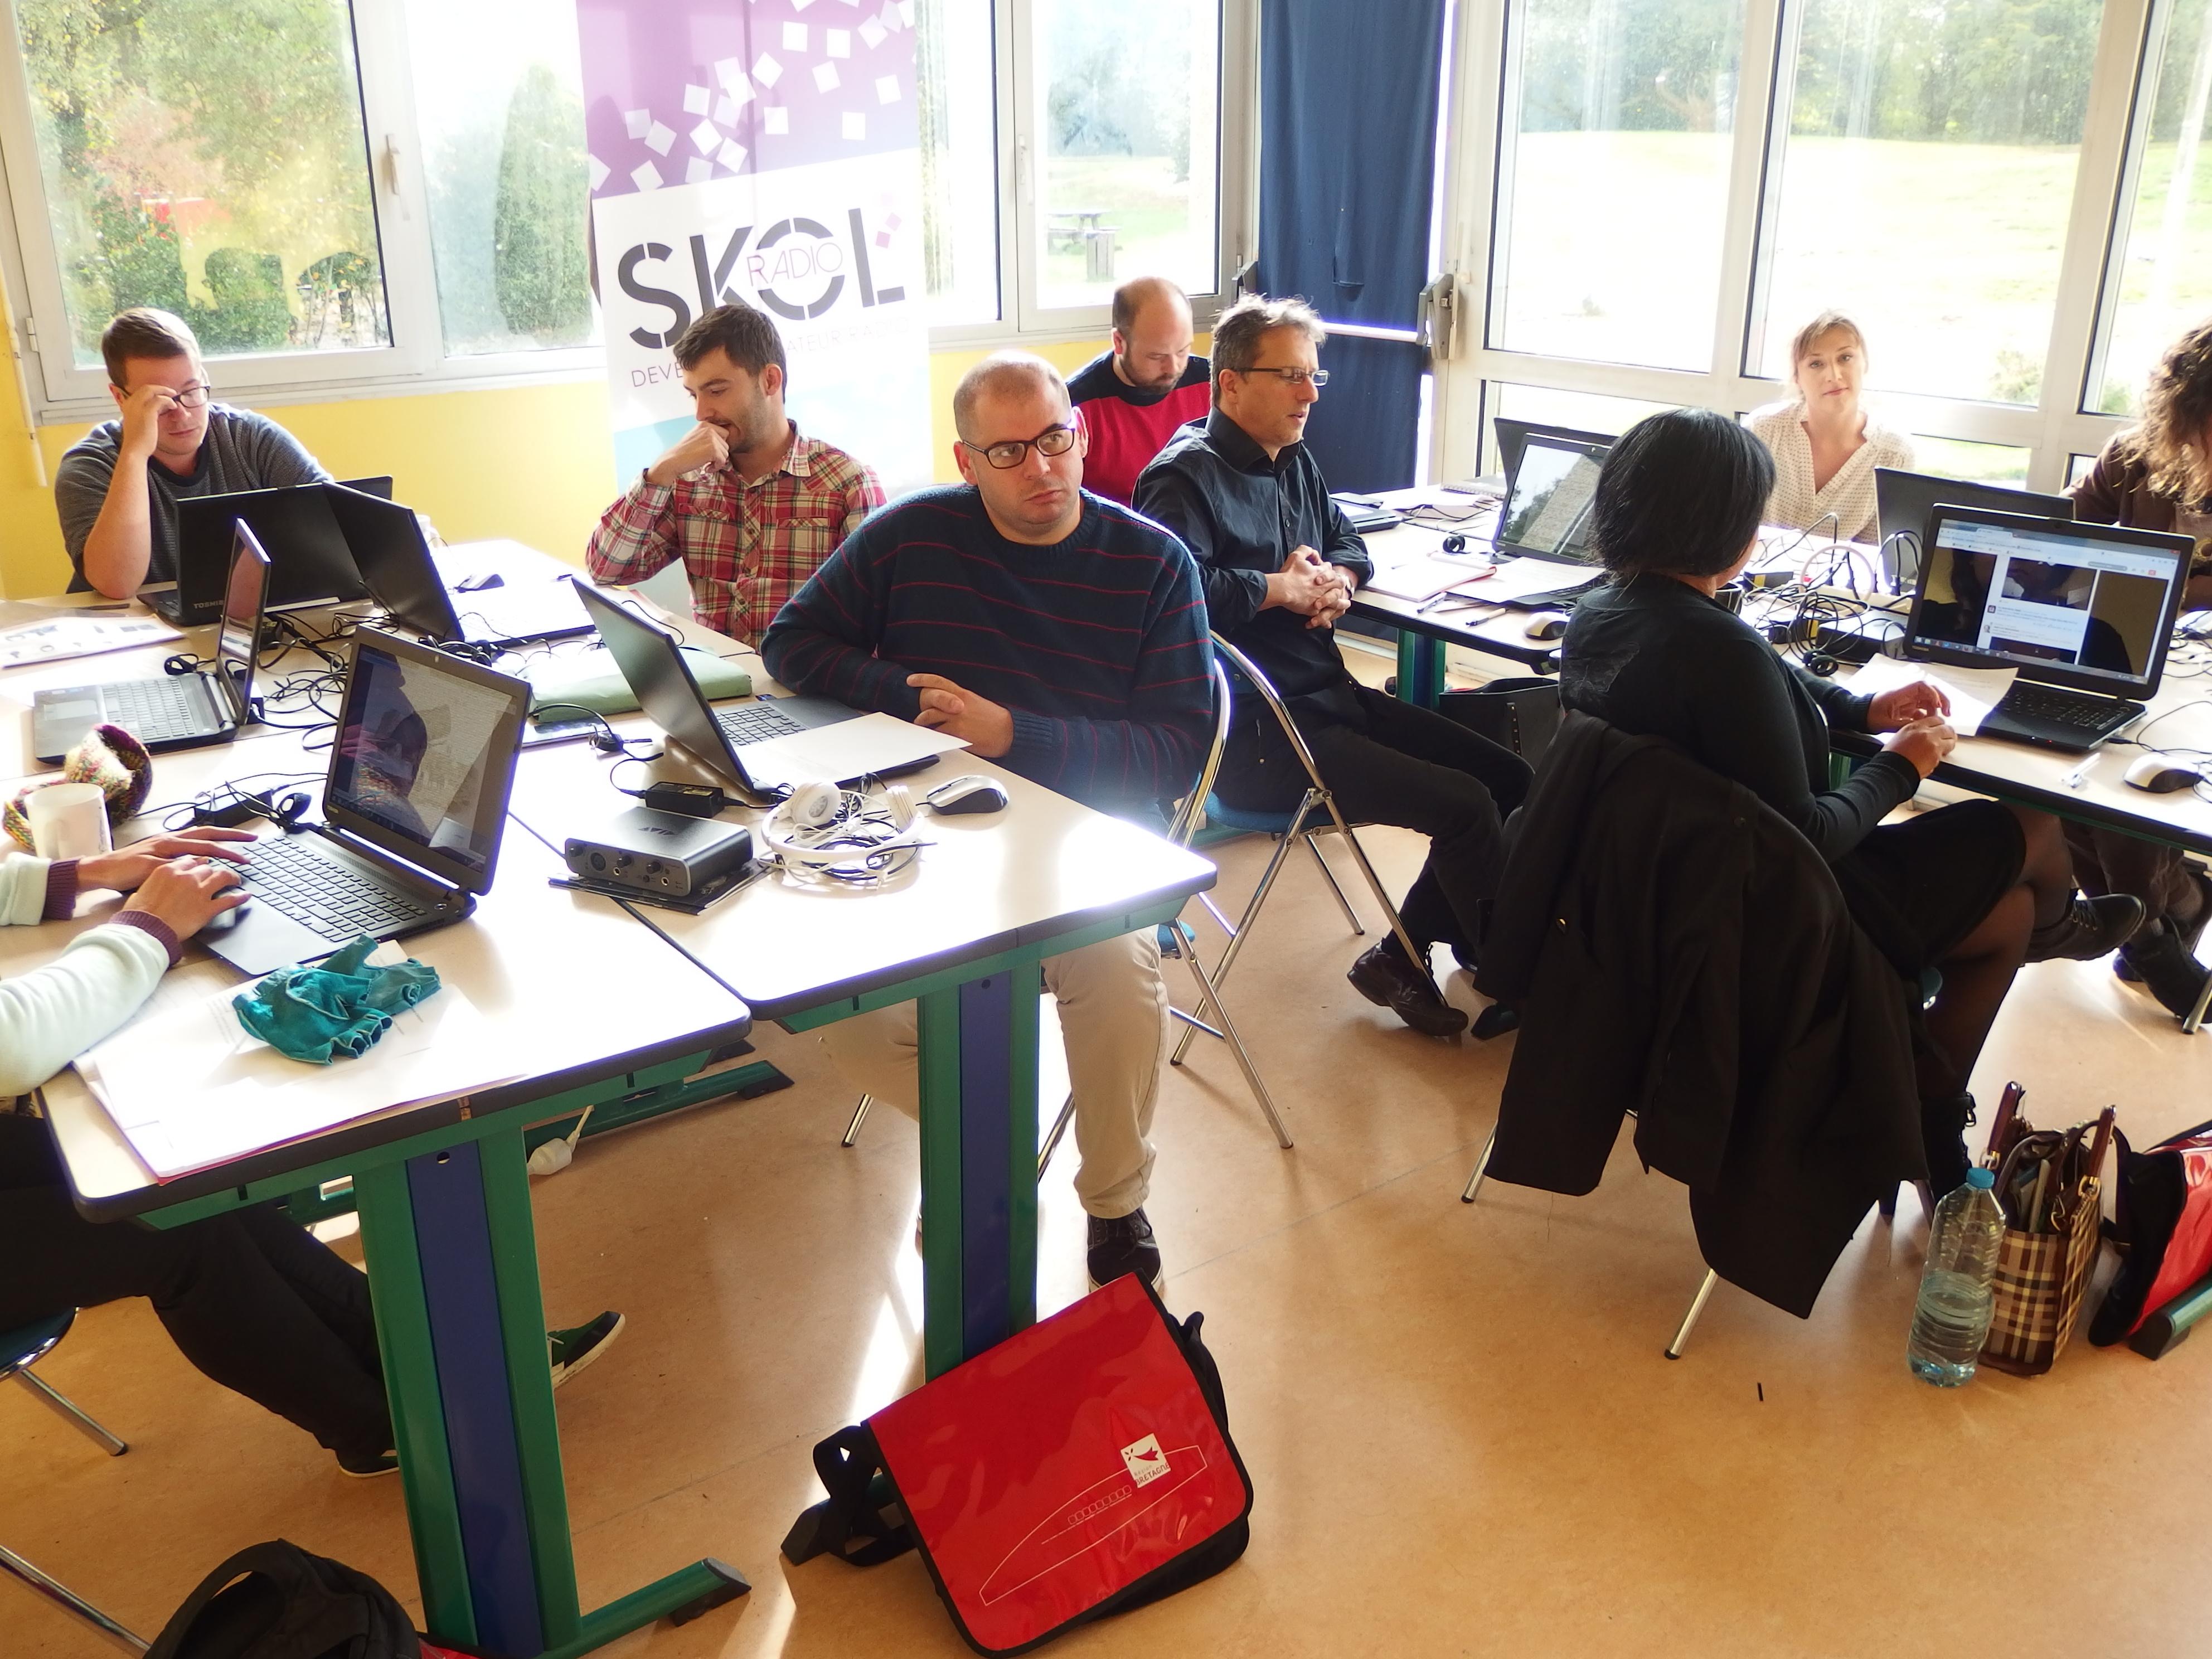 Une première session de formation réussie pour la Skol Radio